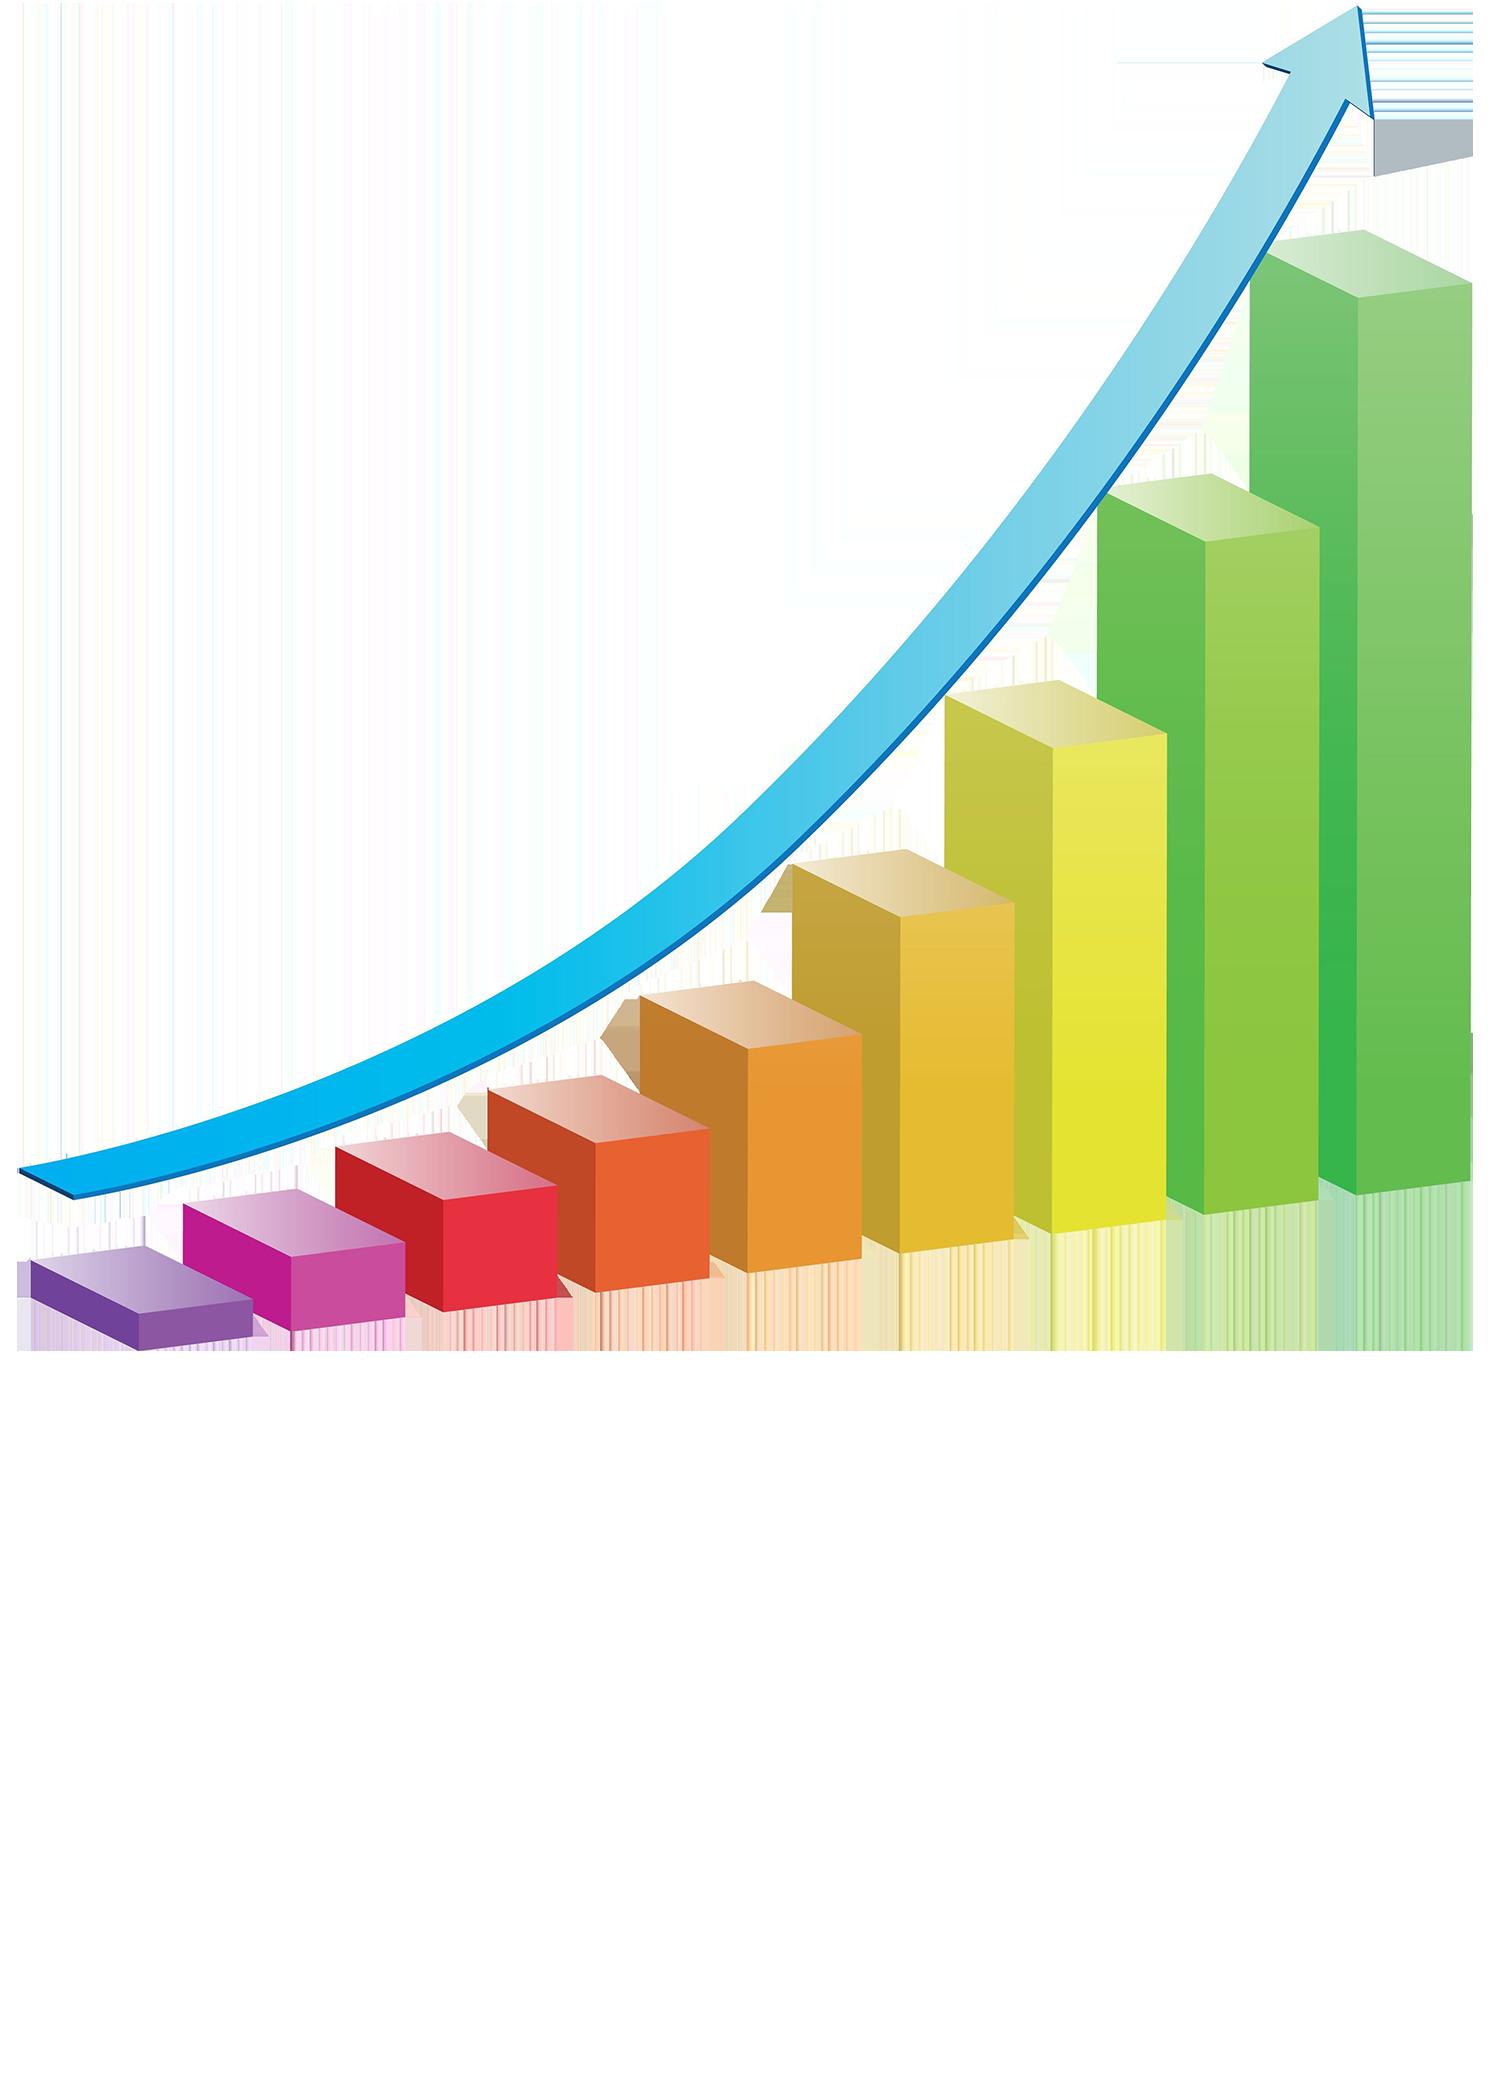 Growth Colourful Bar Chart - 9037272_3-1